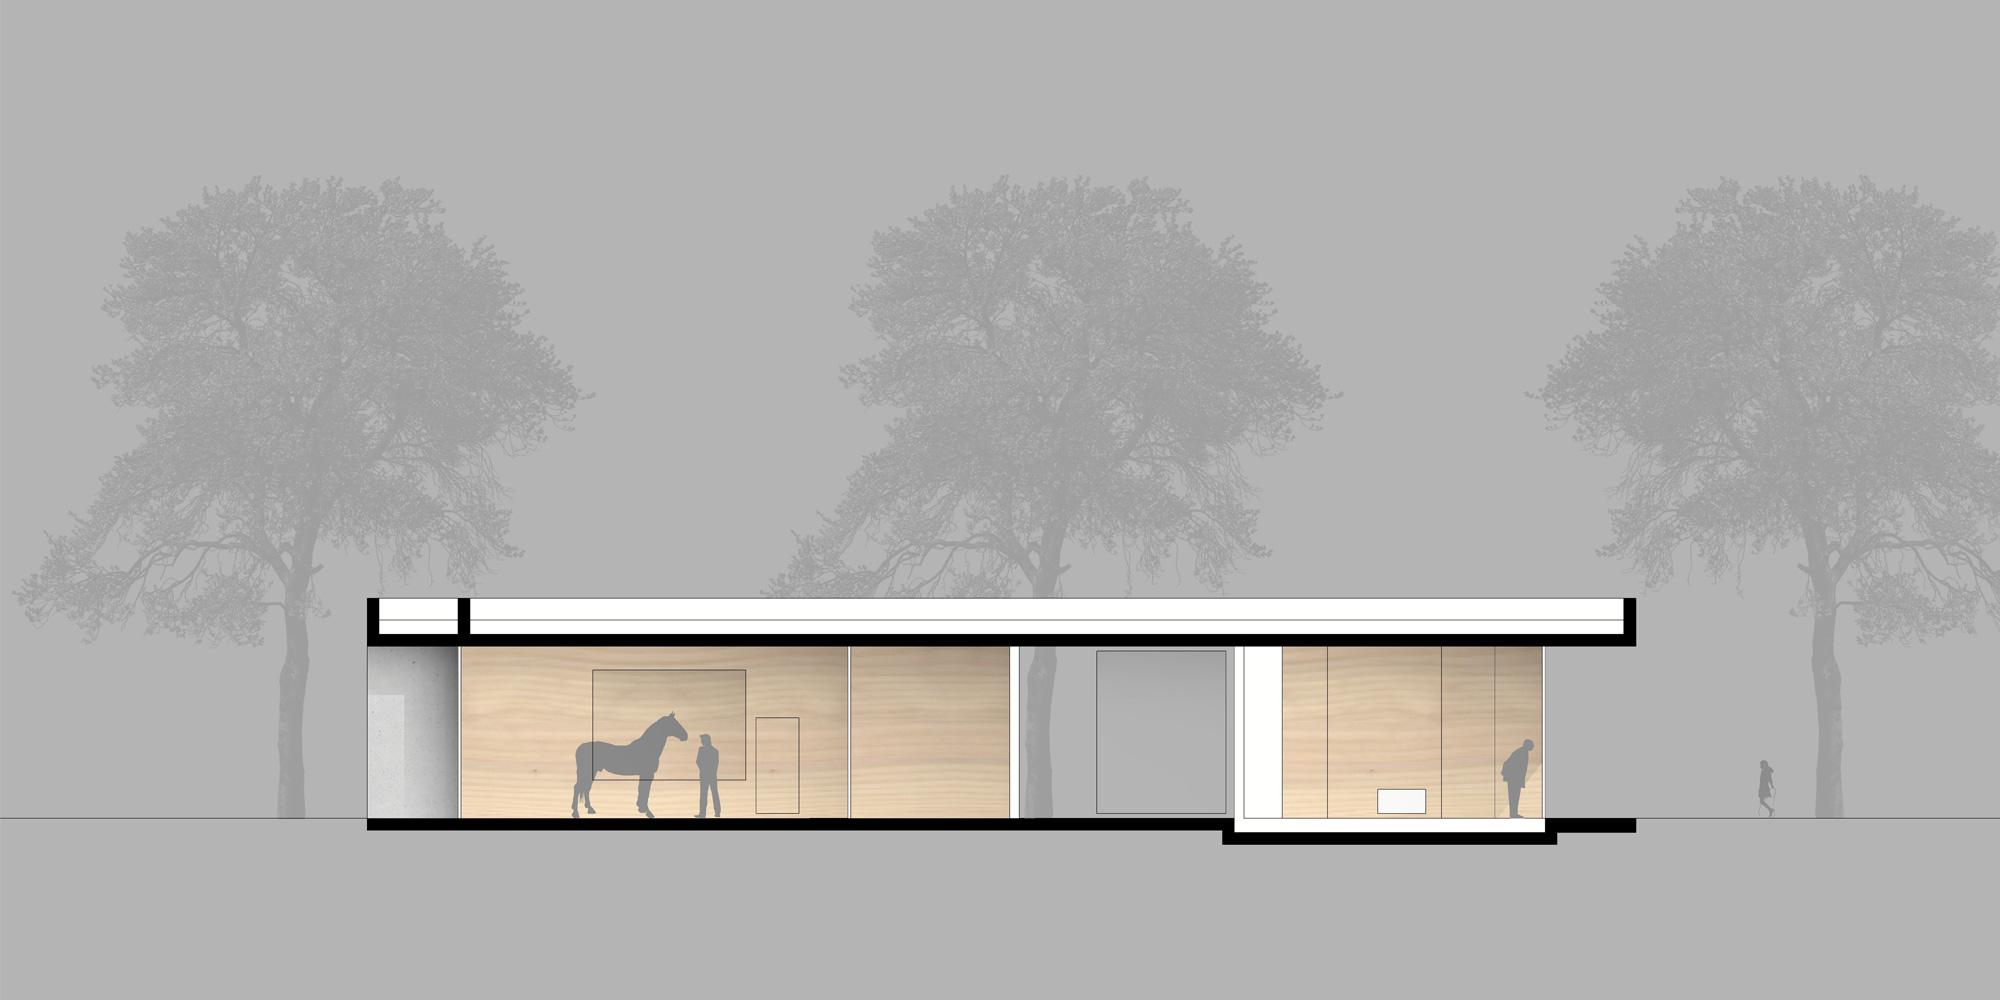 Sezione © Marte.Marte Architekten